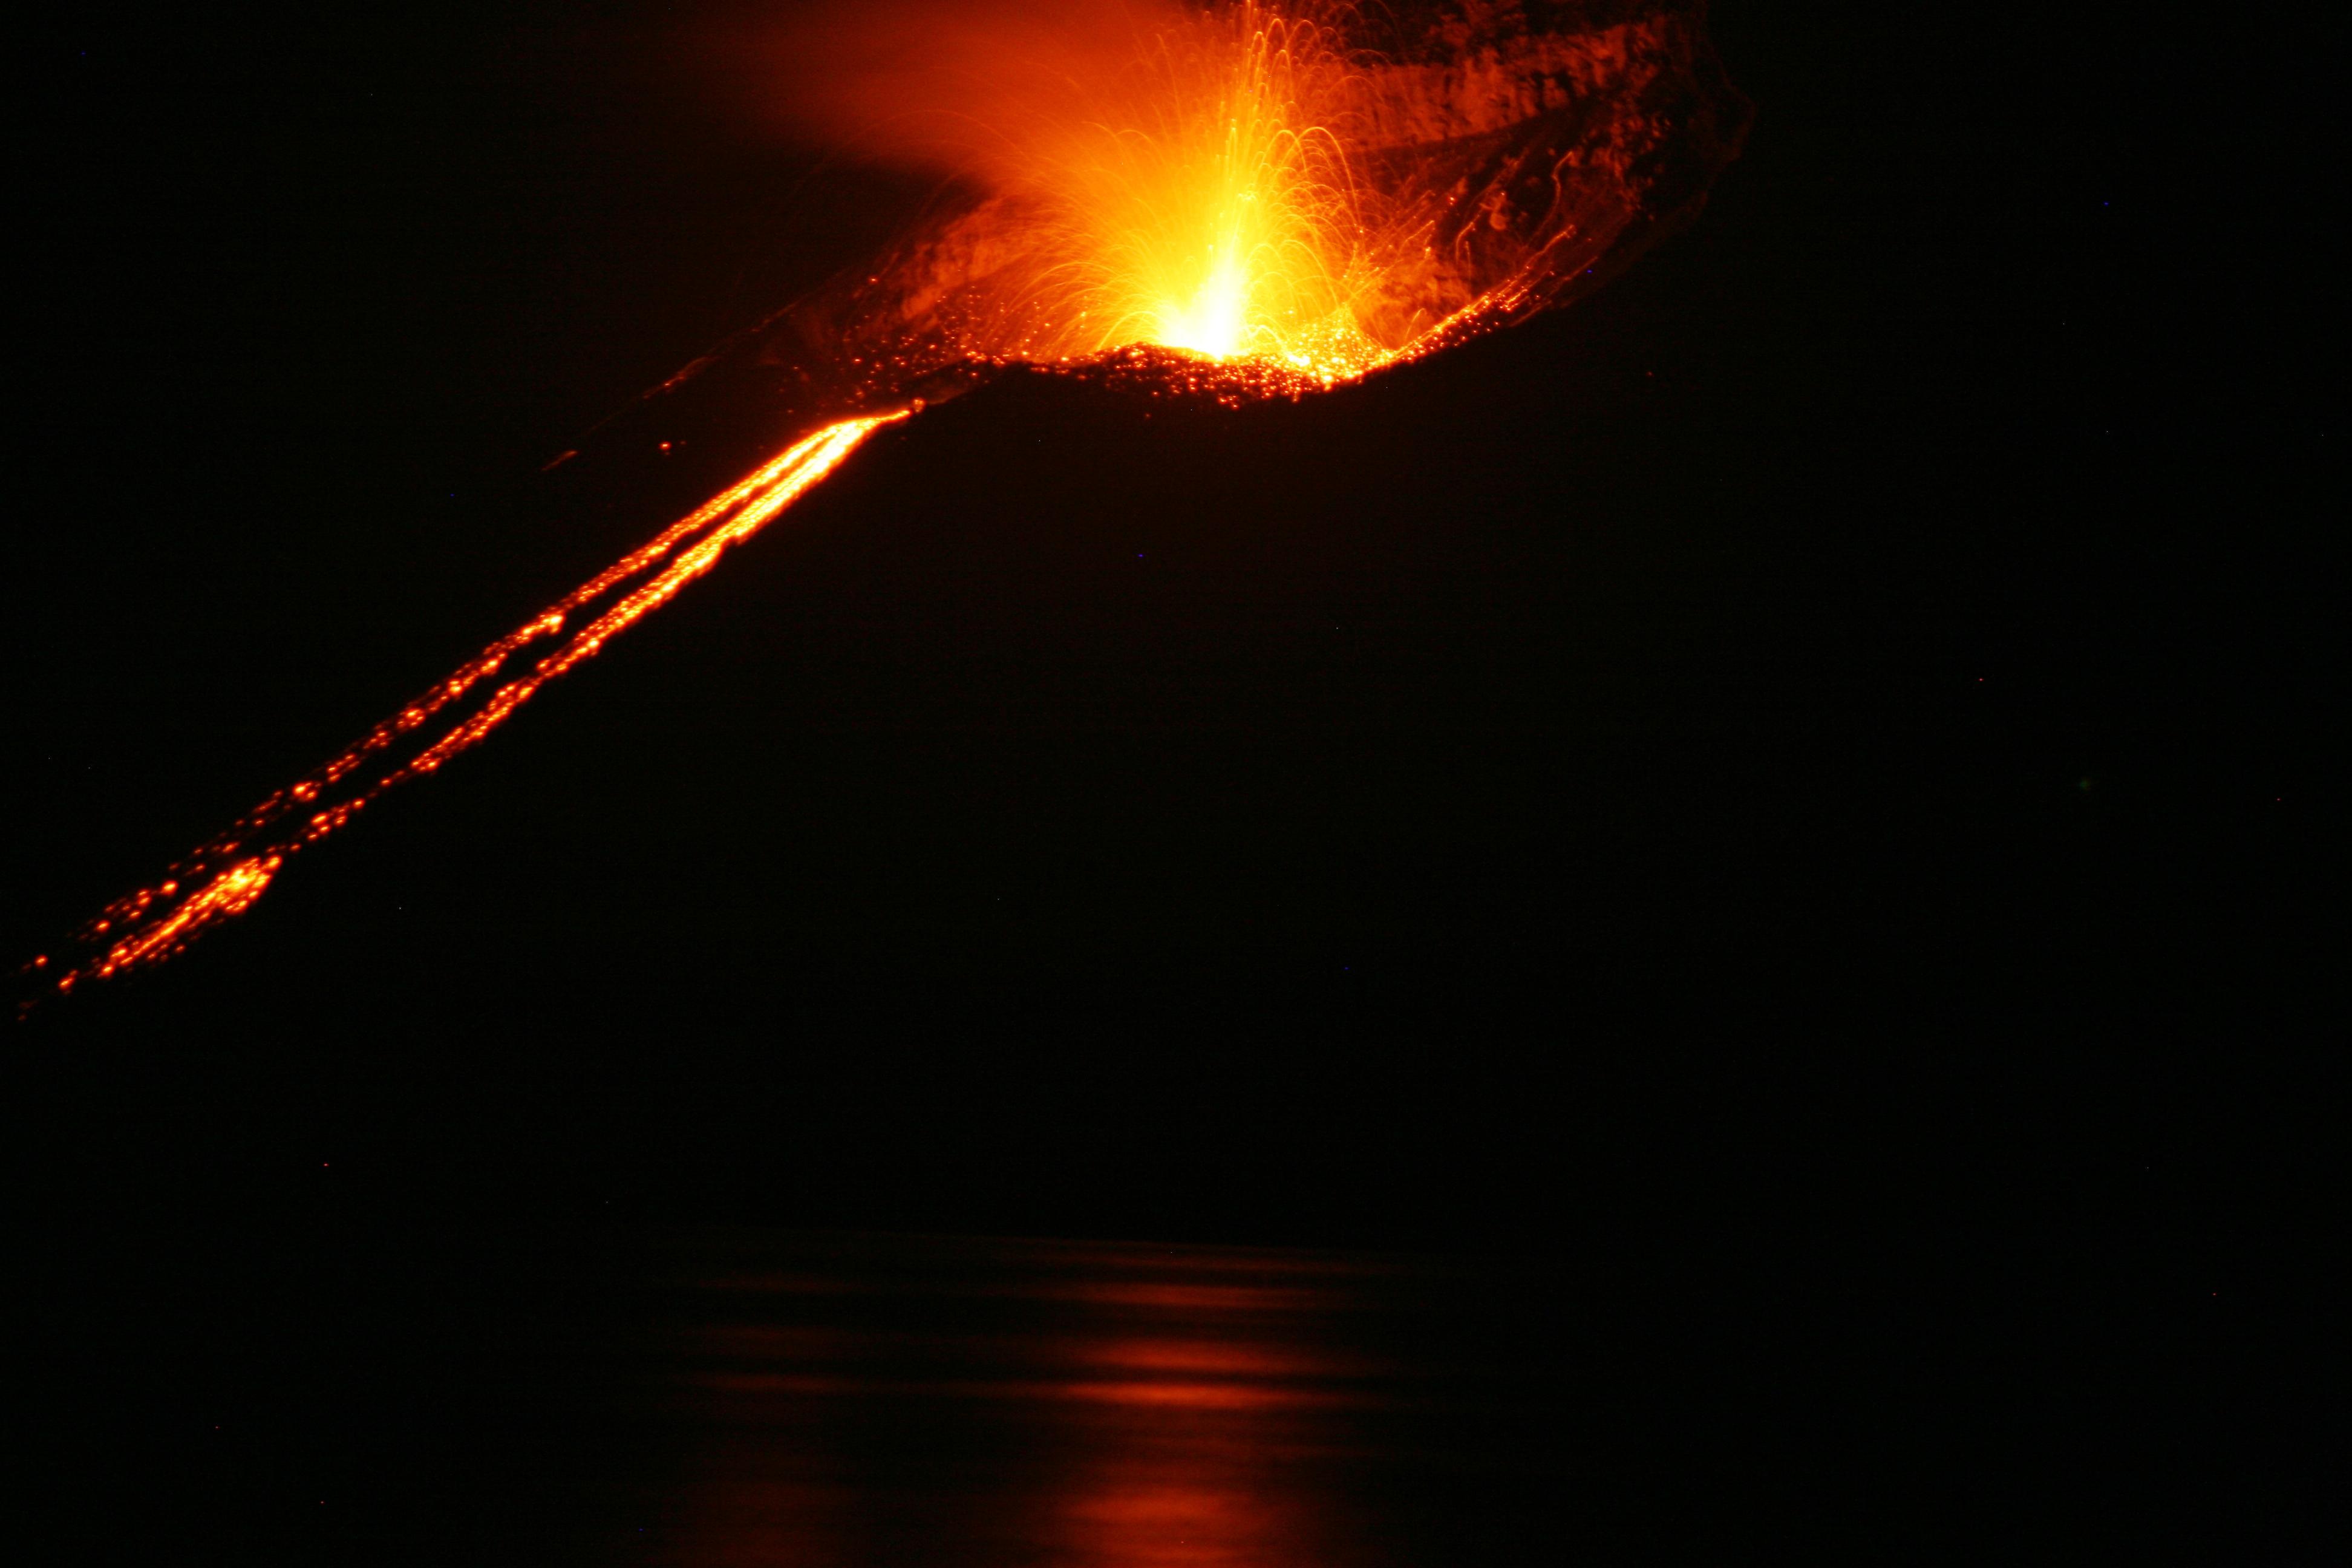 1883 eruption of Krakatoa